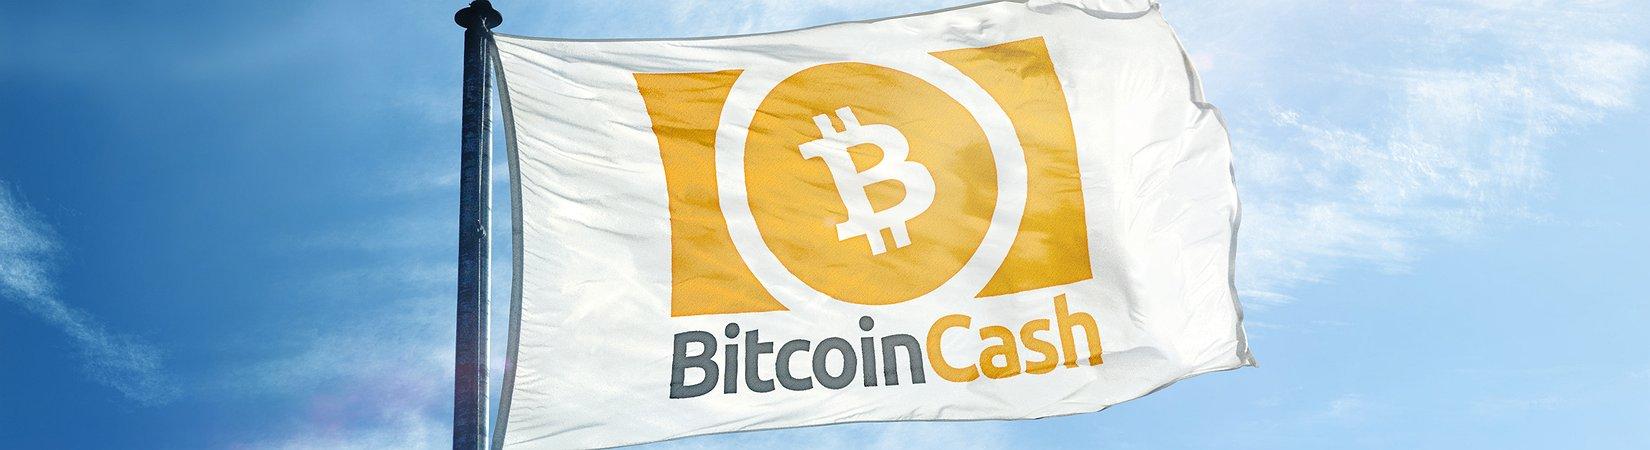 Coinbase lanza y deja de cotizar el Bitcoin Cash después de un fuerte aumento de precio